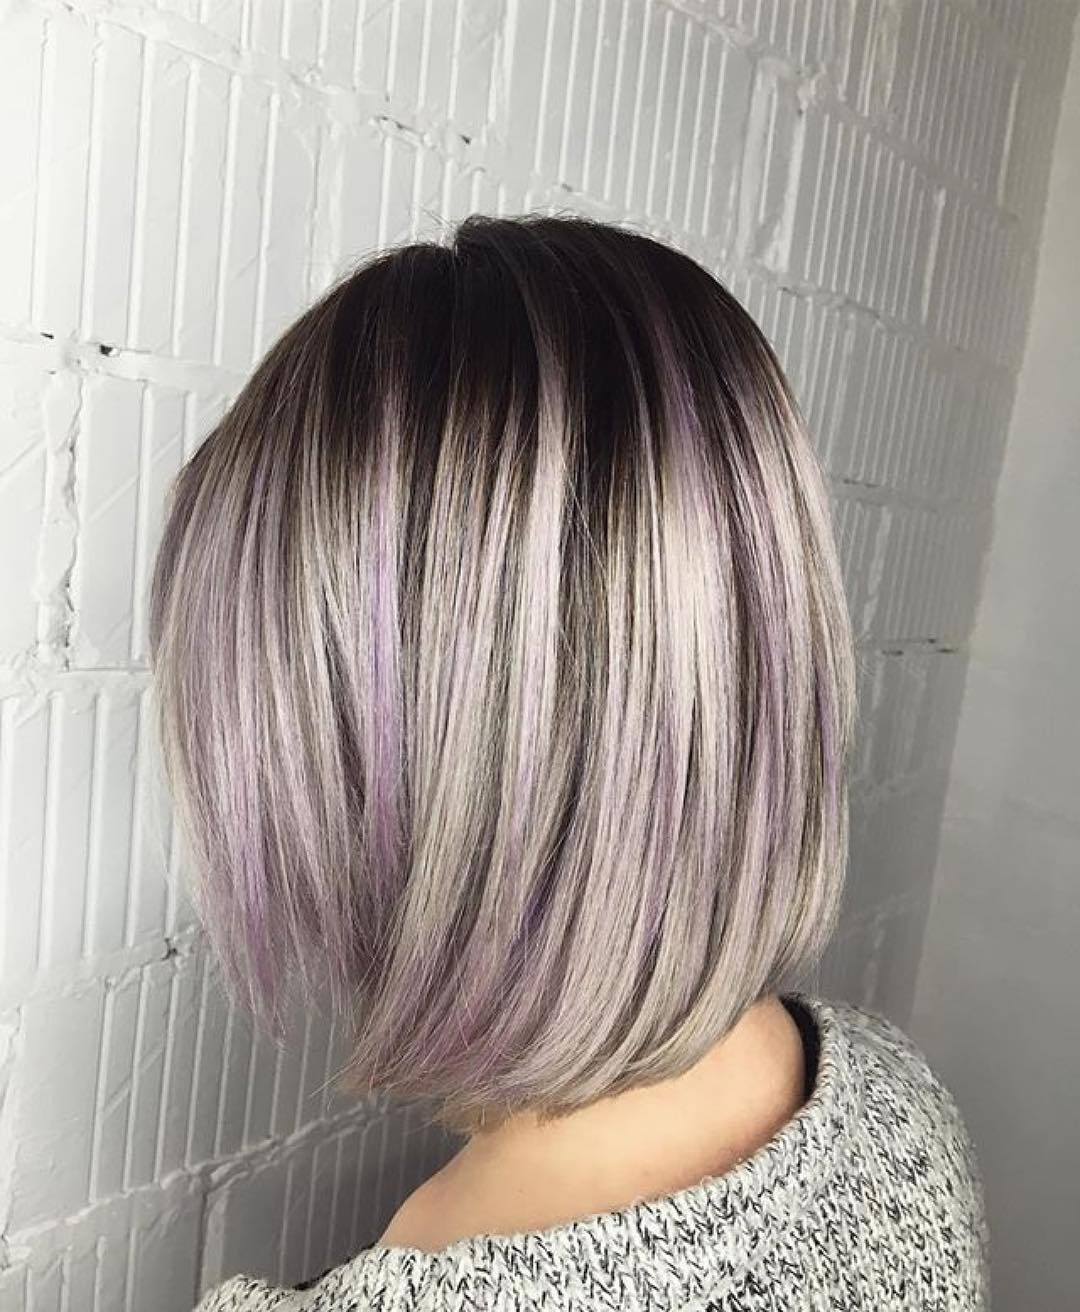 Балаяж на короткие волосы 2020: фото 9